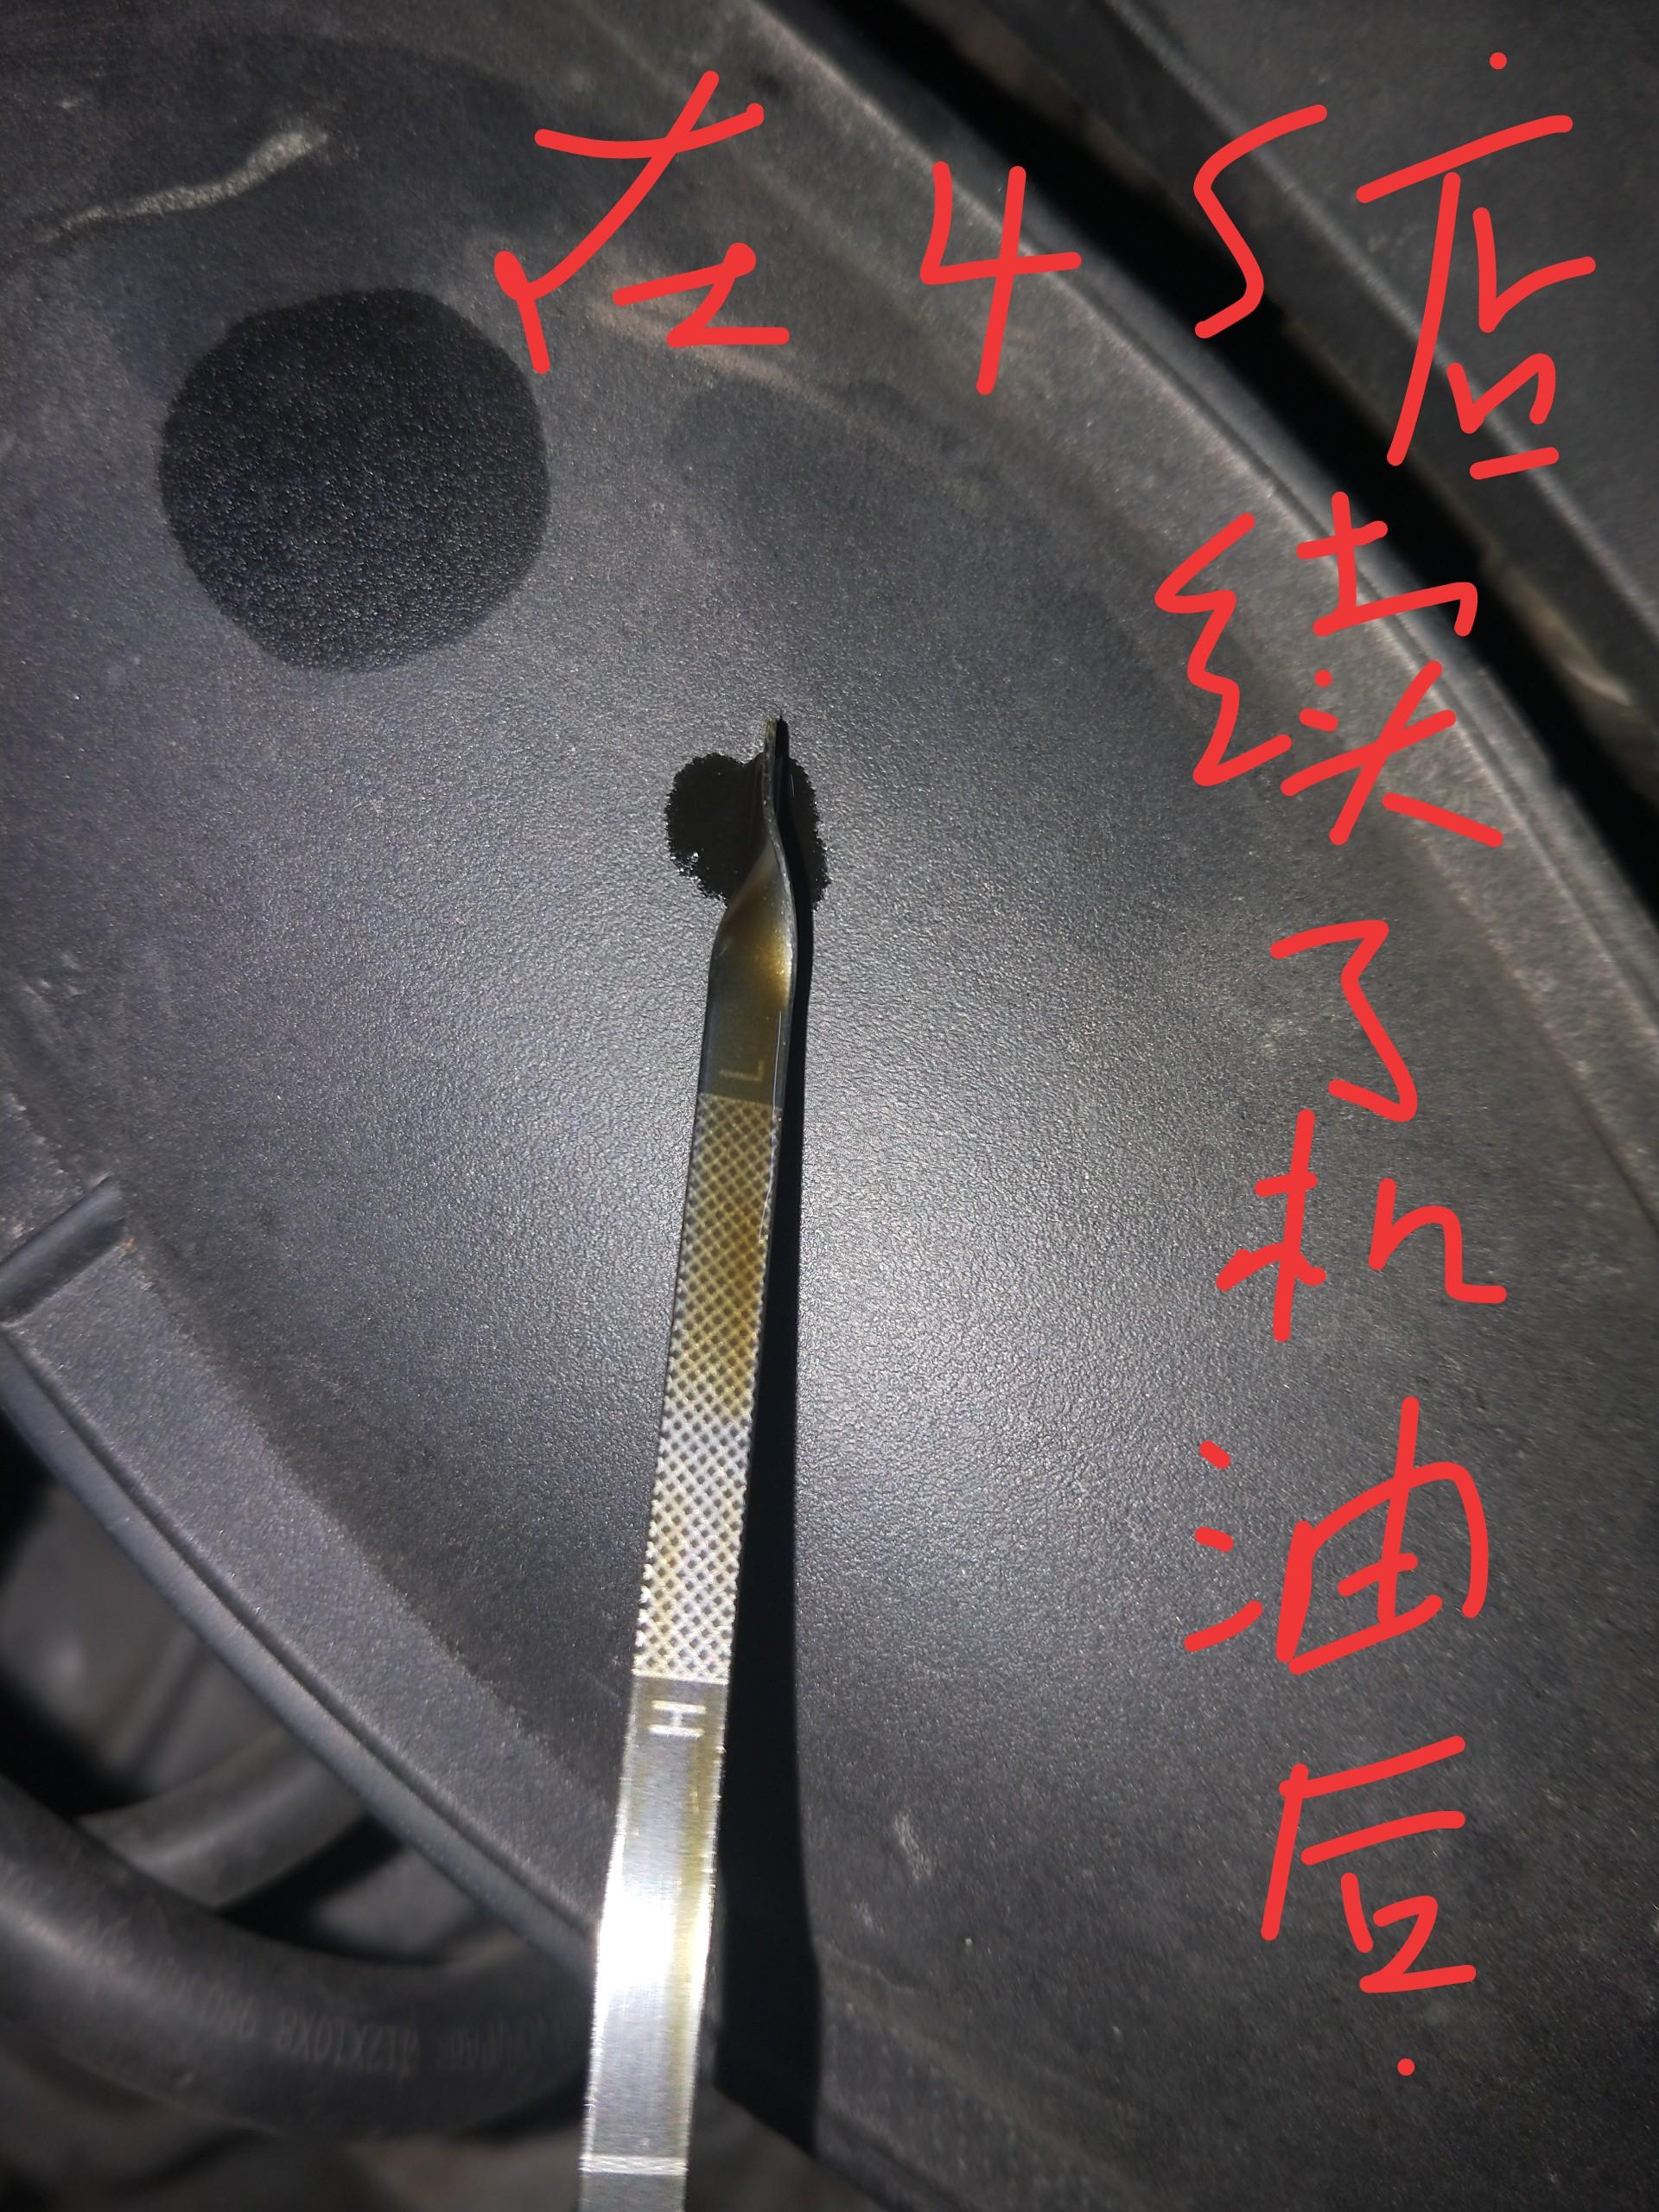 雪铁龙-雪铁龙C5 发动机故障灯亮黄灯